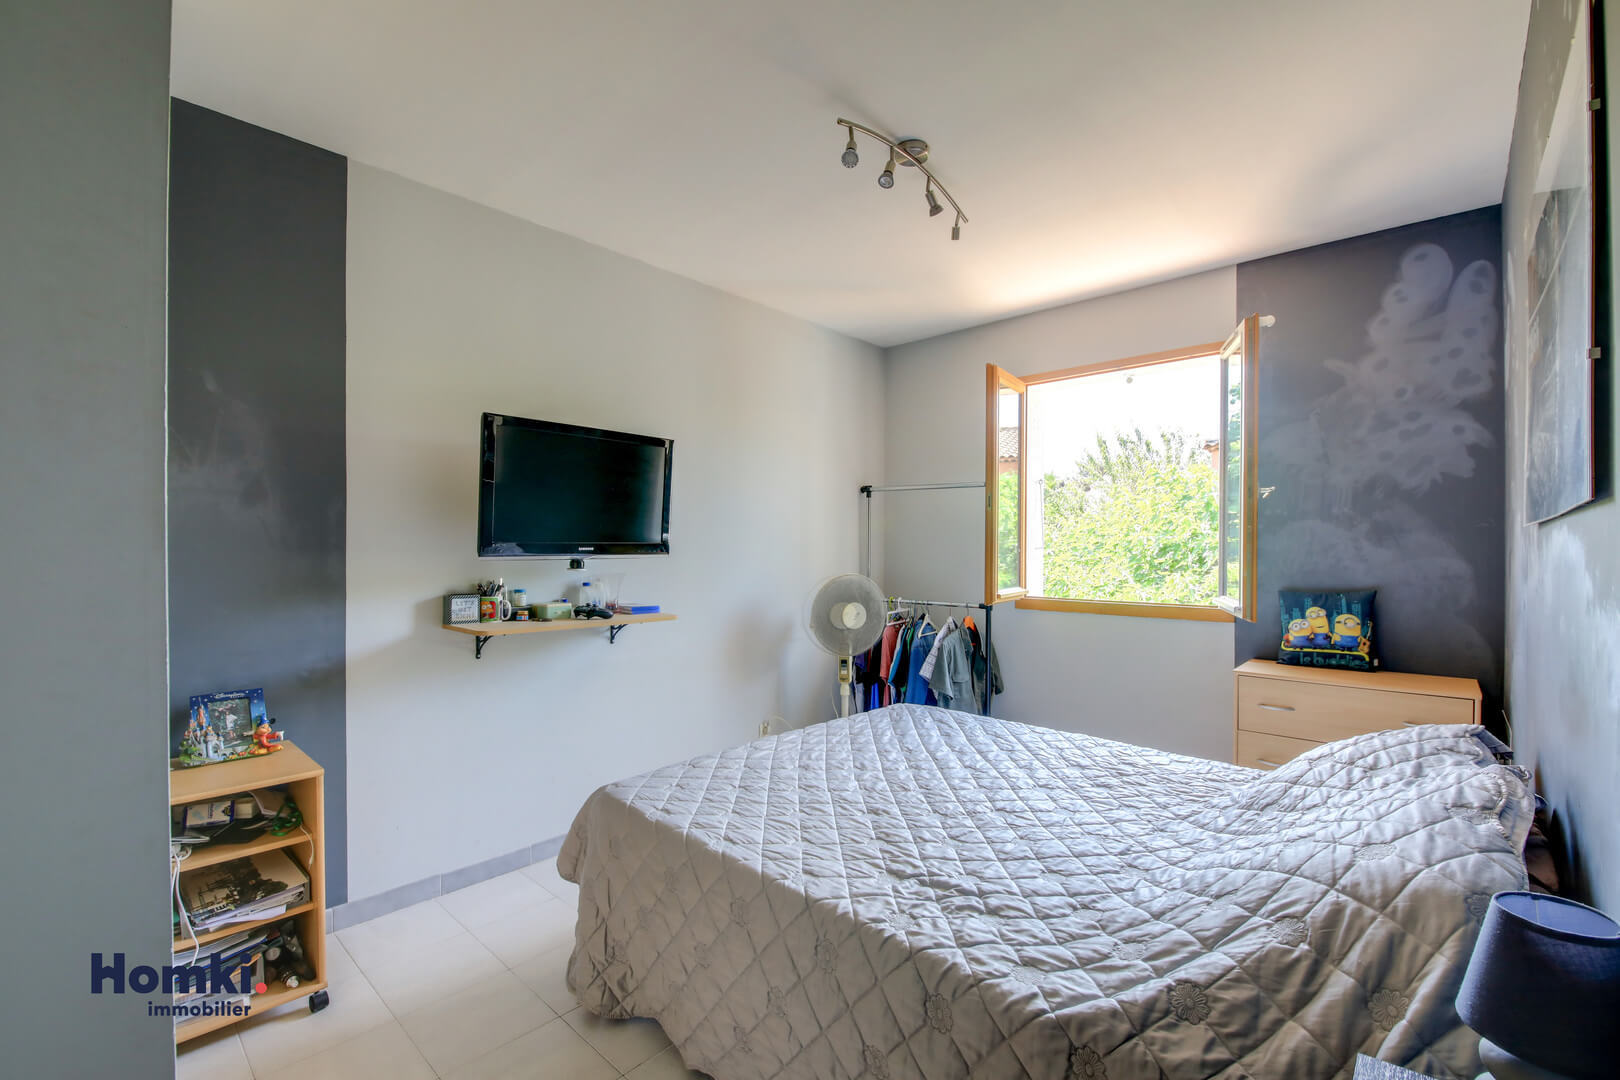 Vente maison villa Marseille Olives 13014 T6_6